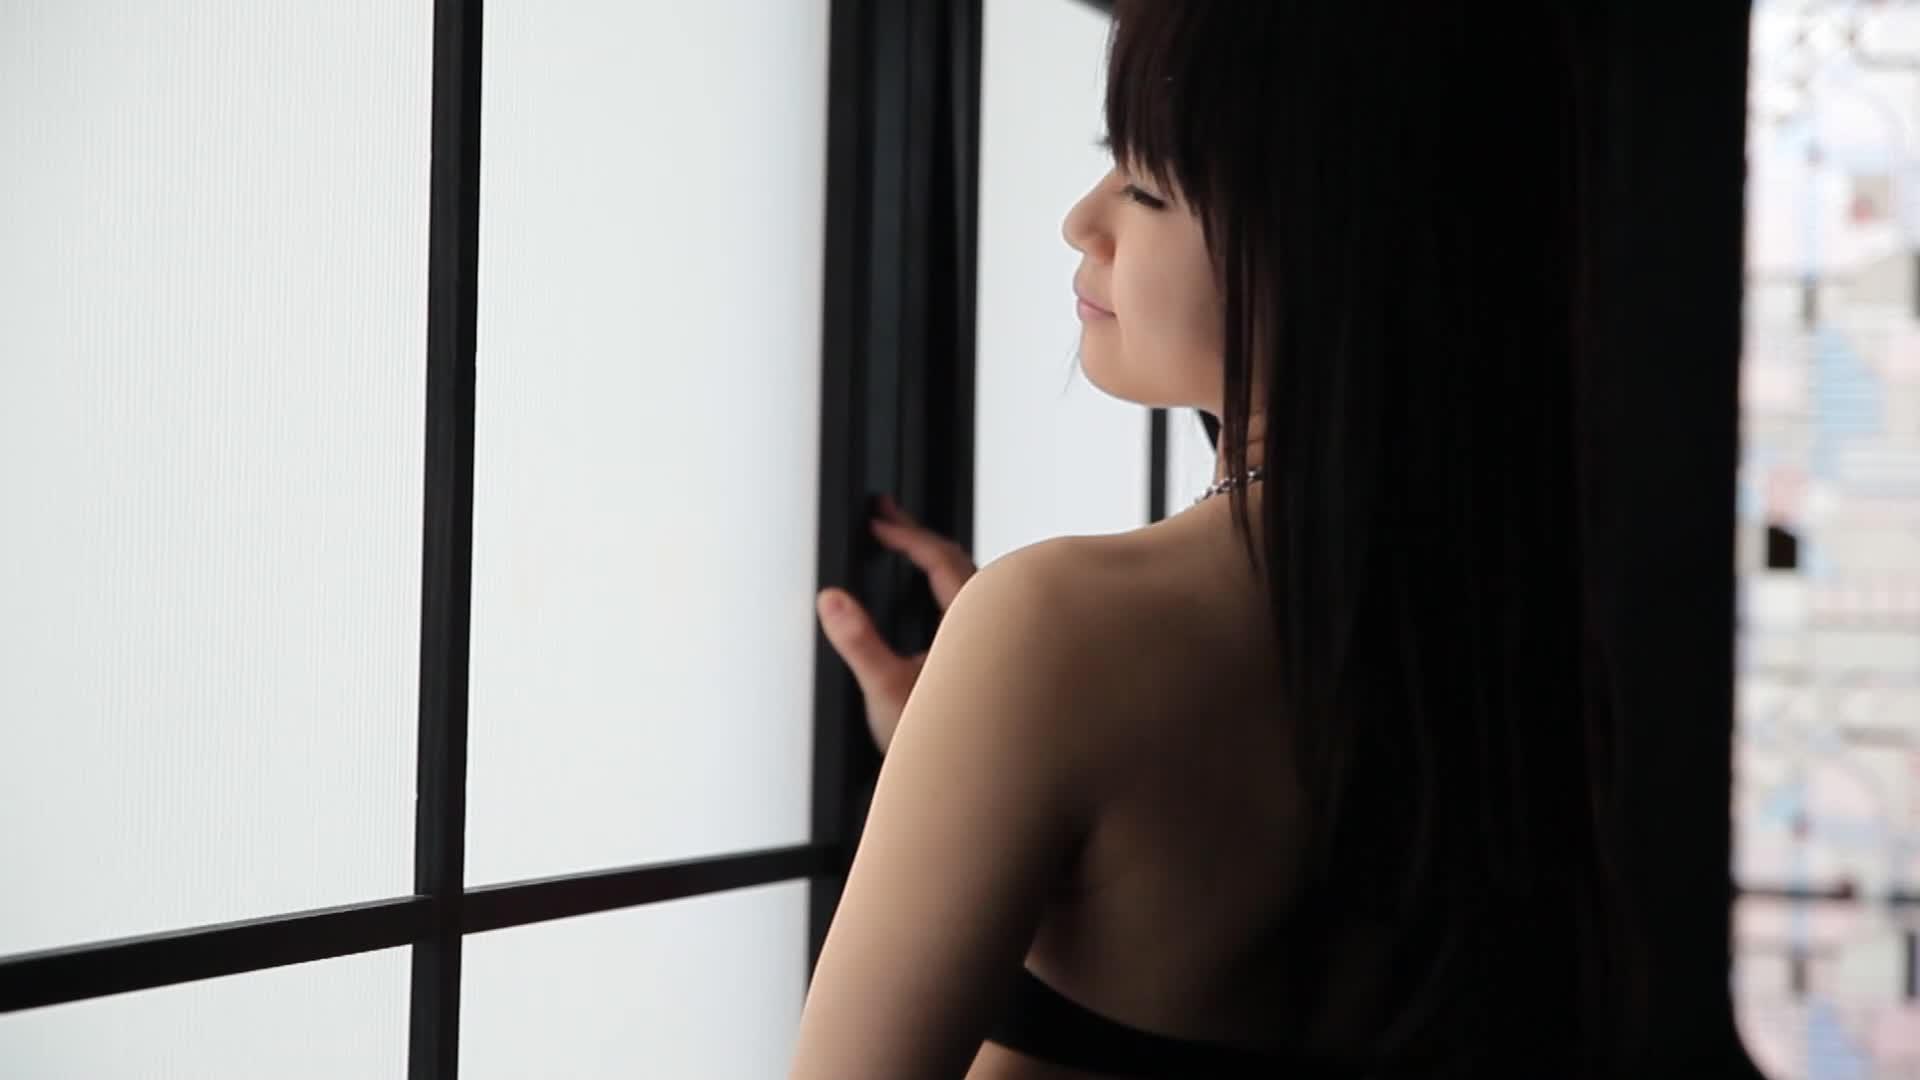 c8 - Nice Touch 〜触りたくなる一眼レフムービー〜/水月桃子